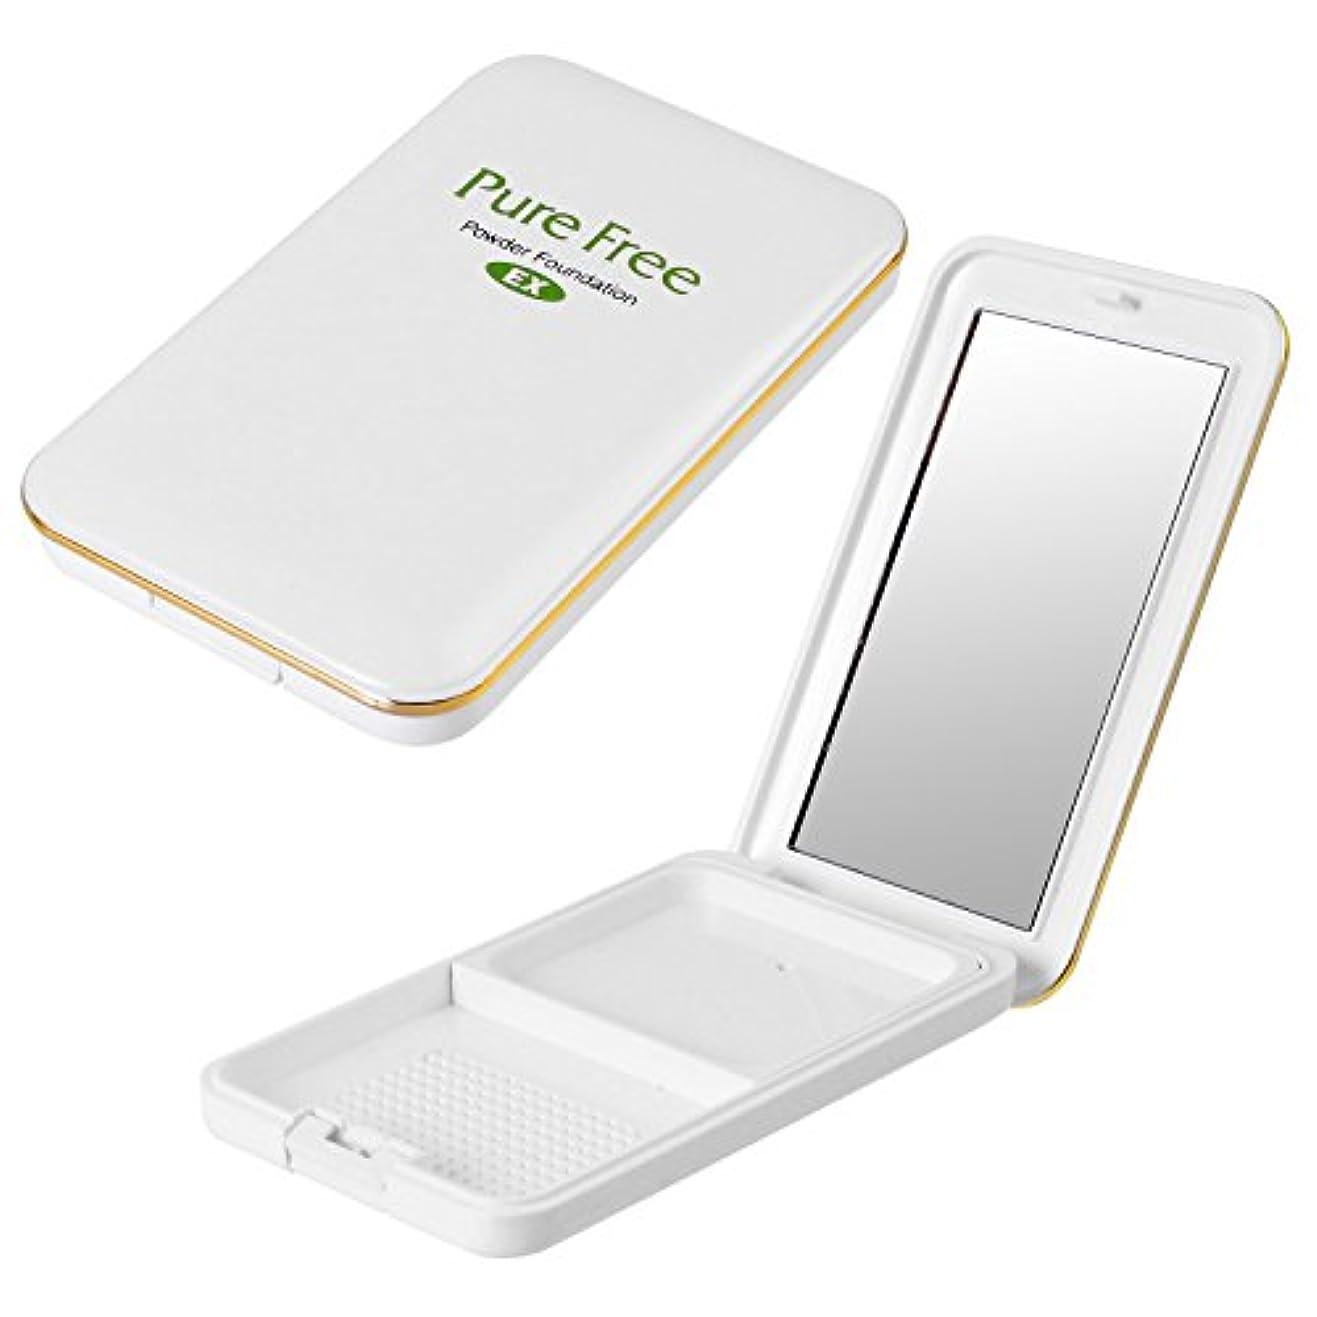 ダイヤモンドフィドル飼料Pure Free (ピュアフリー) パウダーファンデーションEXコンパクト(専用パレット) オーガニック 正規品 ファンデーション専用パレット